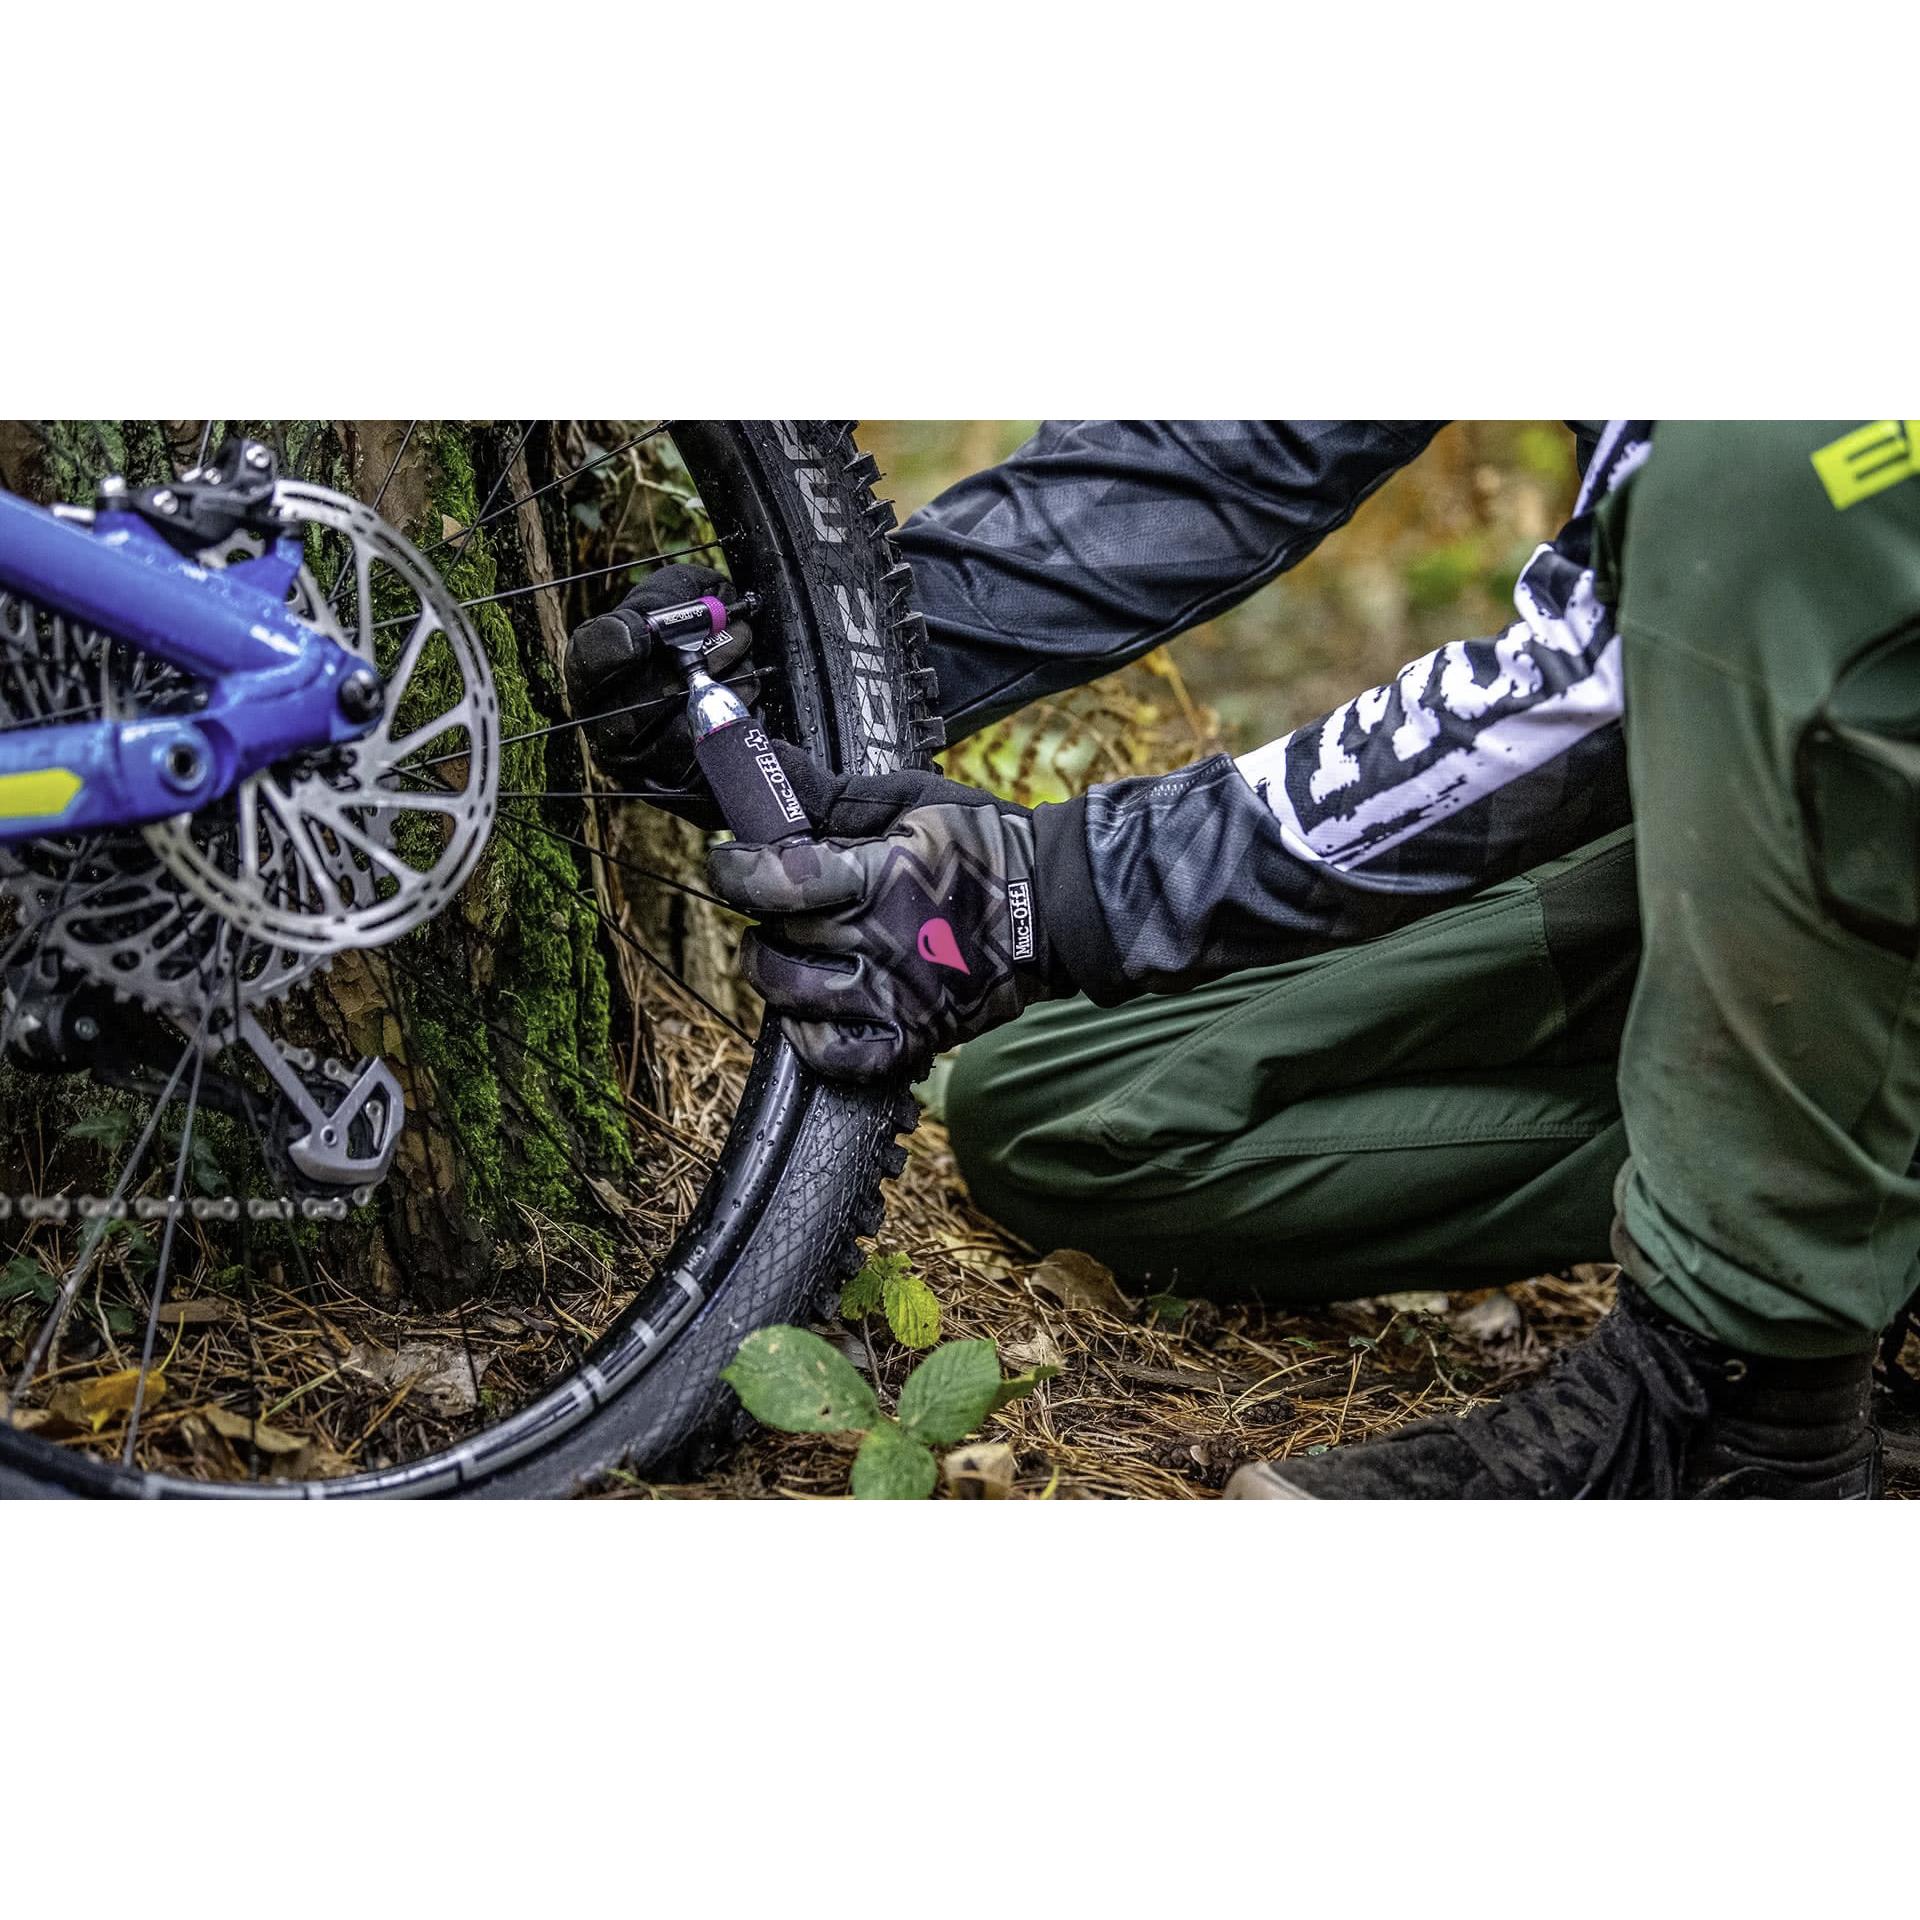 Muc off road bike co2 inflator kit 16g cartridges head neoprene sleeves